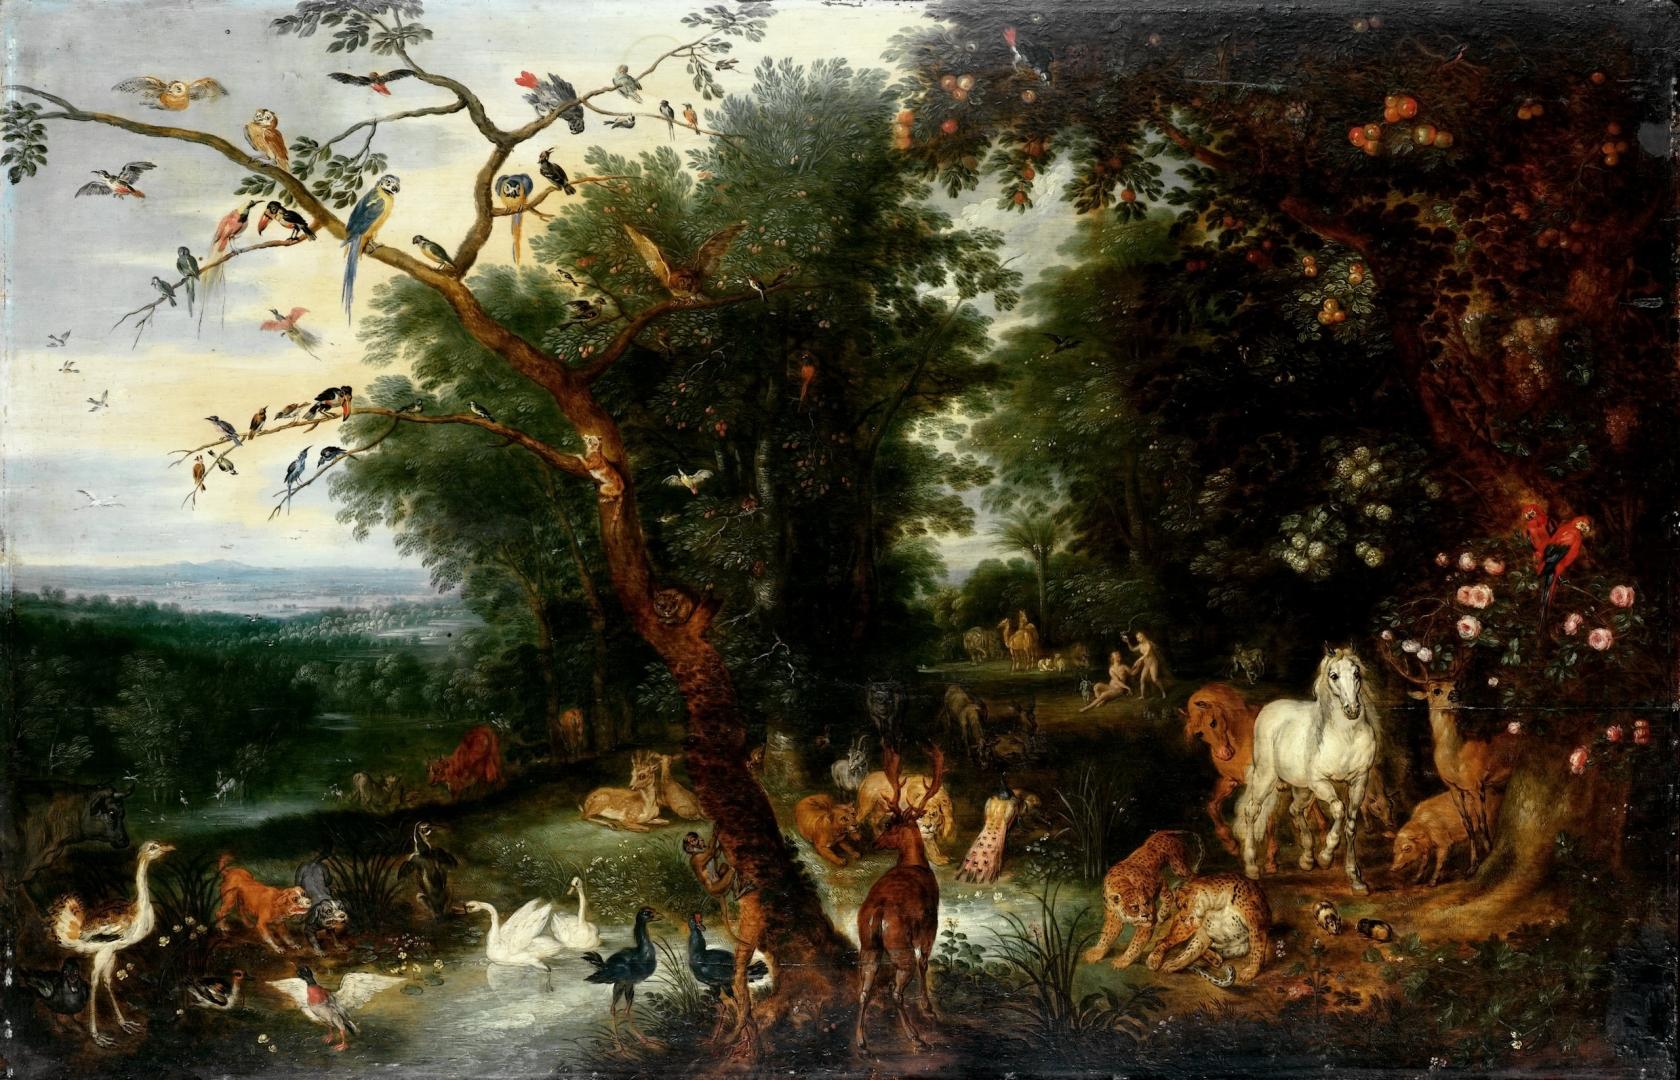 картинки про эдемский сад для игры